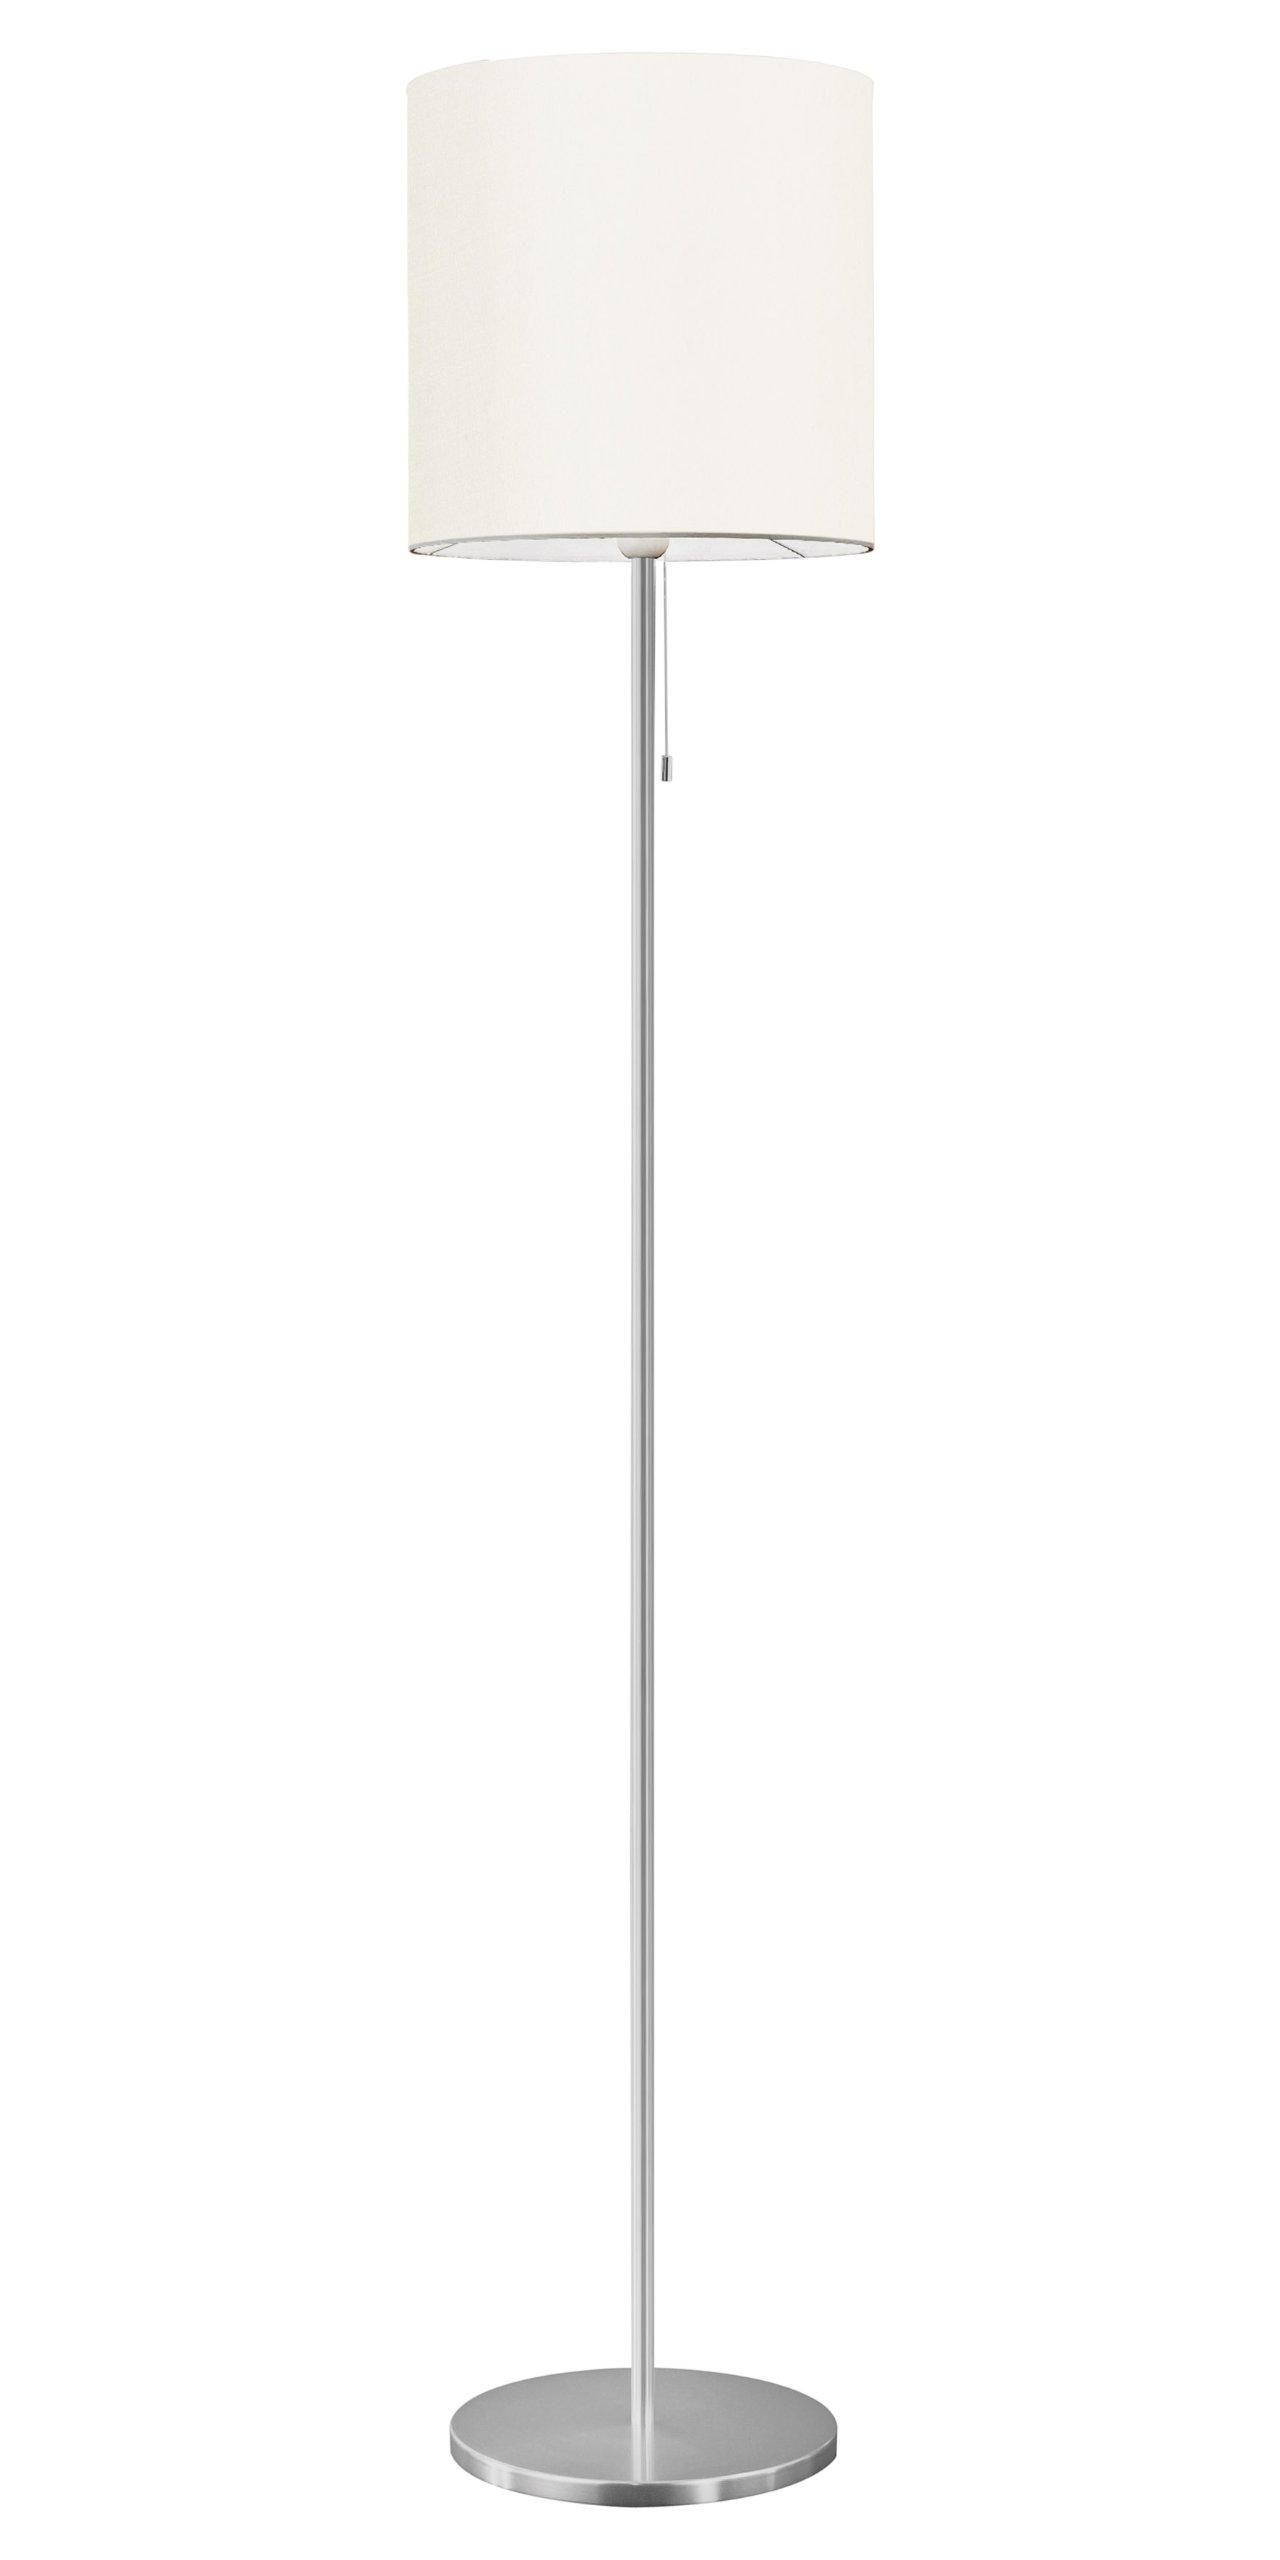 Eglo 82813A Sendo Floor Lamp, Aluminum